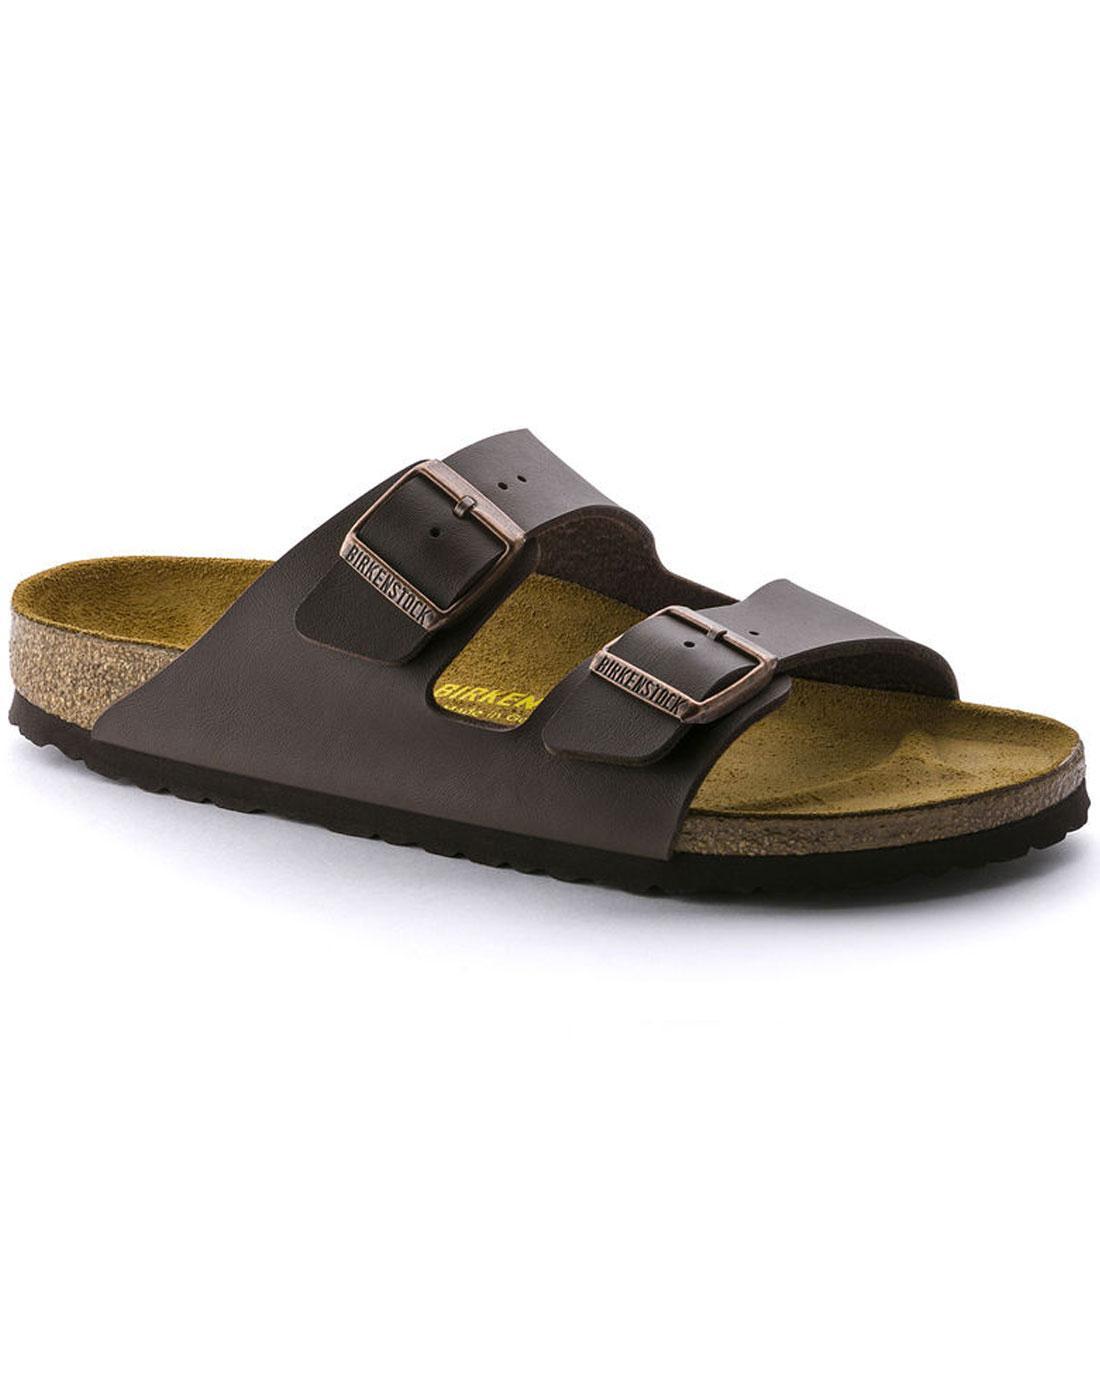 Arizona BIRKENSTOCK Womens 2 Strap 70s Sandals DB